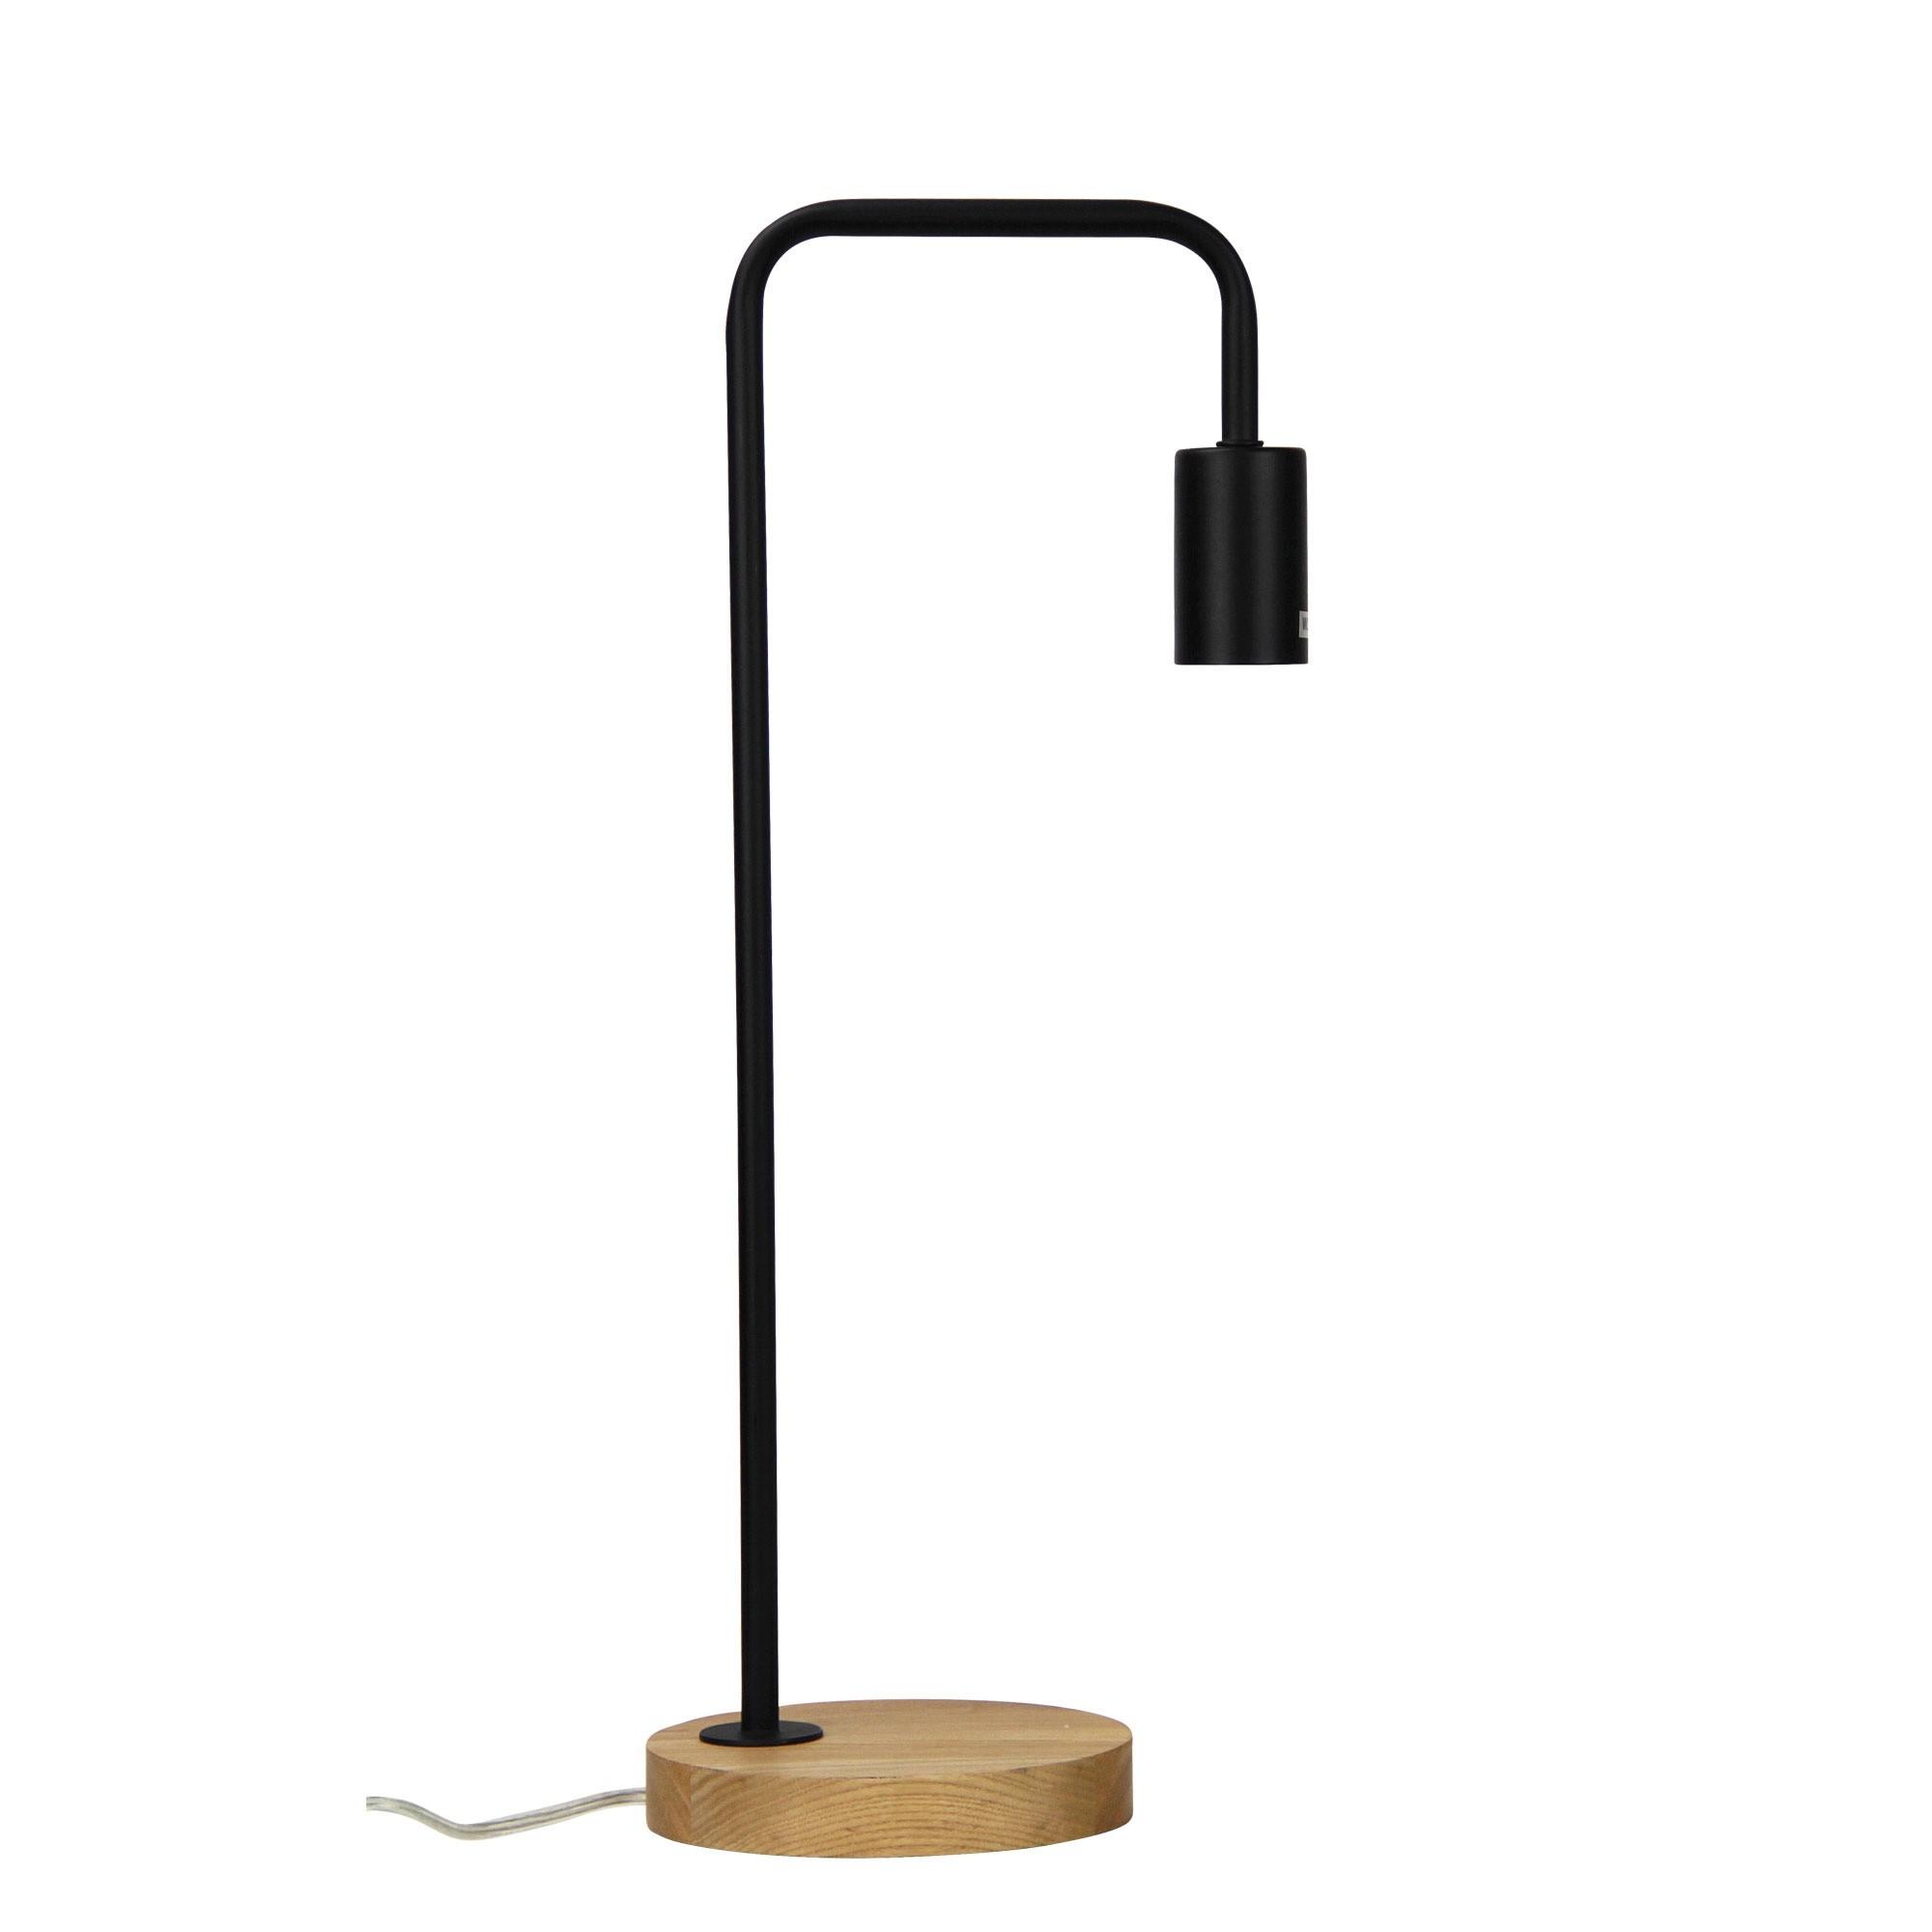 Lane Timber & Metal Table Lamp, Black